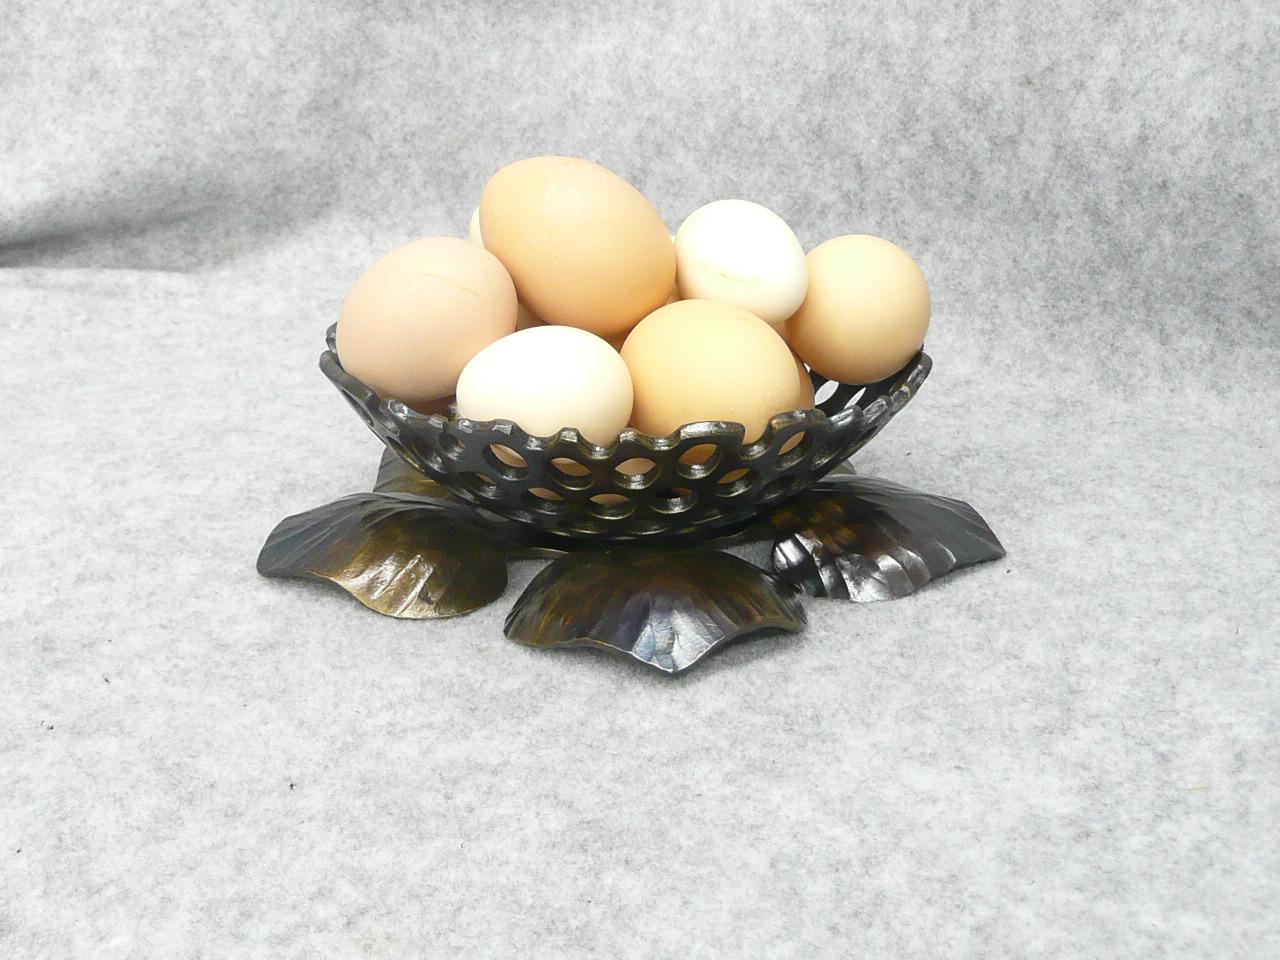 egg bowl 002.jpg